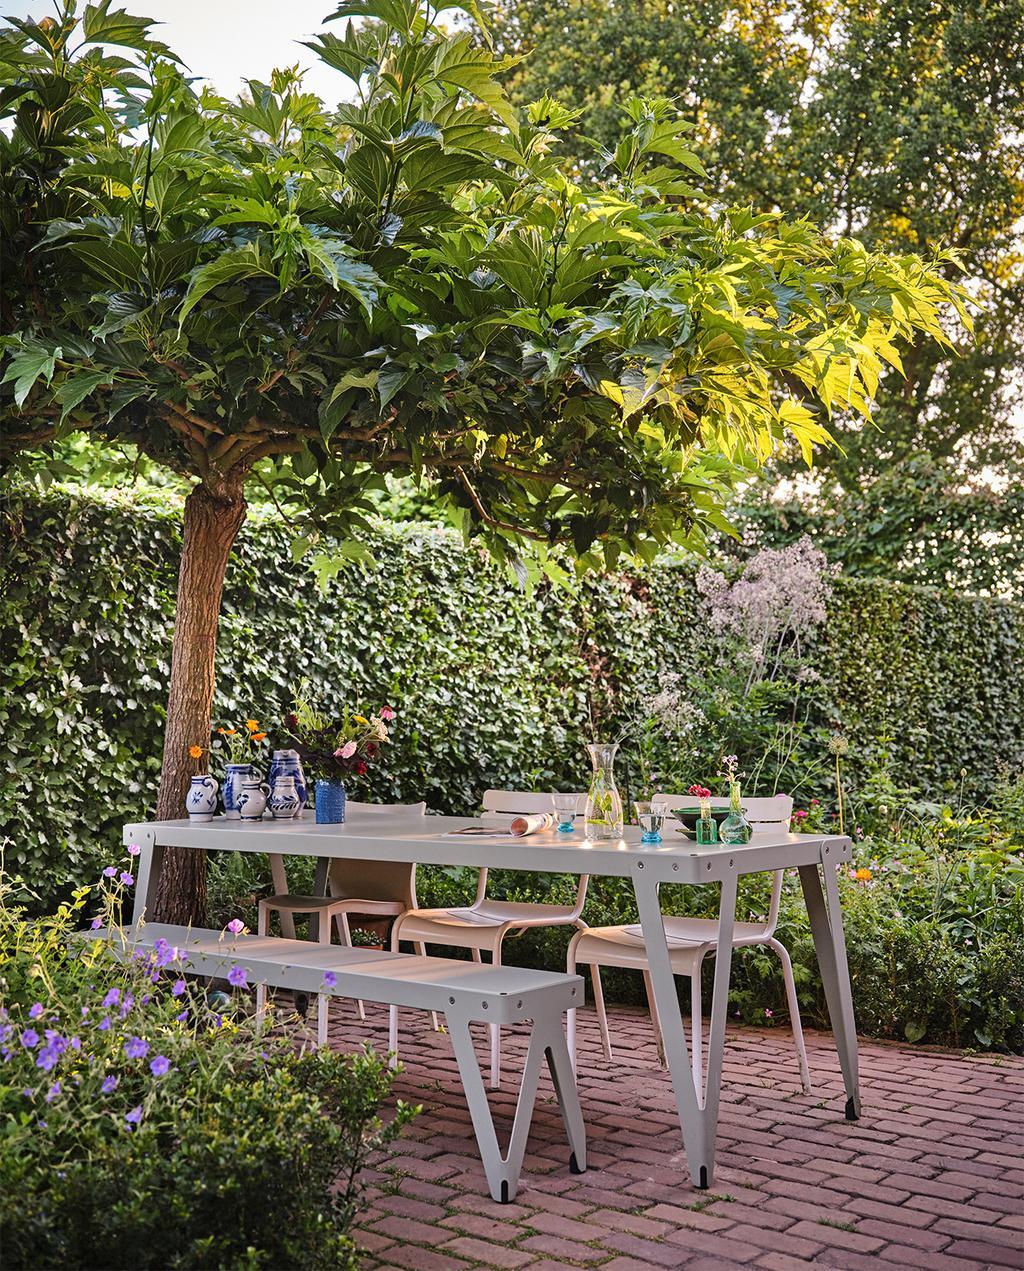 vtwonen tuin special 3 2021 | eettafel in de tuin met een bankje en twee stoelen